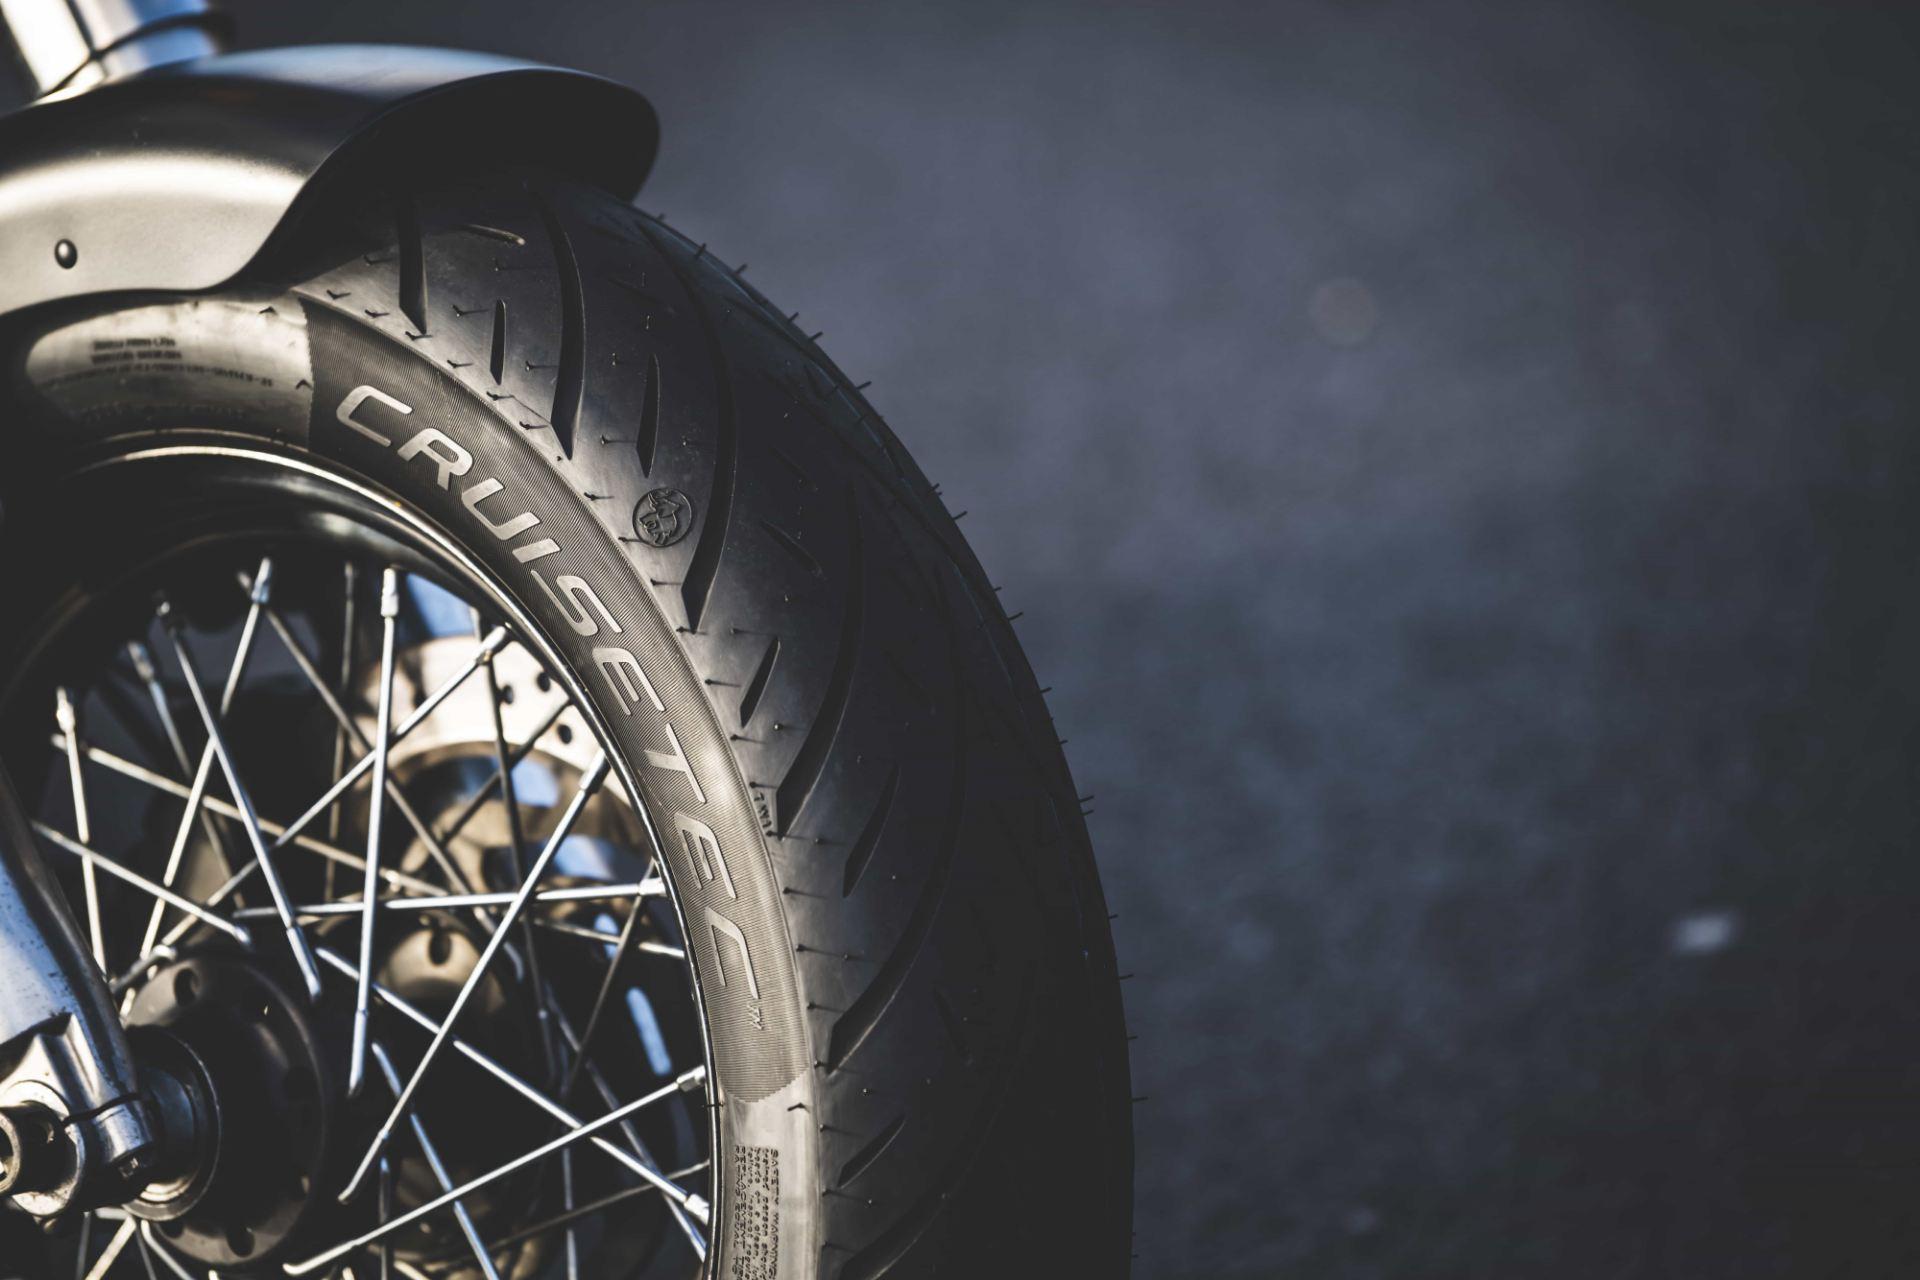 モーターサイクル用スポーツツーリングタイヤ  メッツラー「CRUISETEC™」(クルーズテック)発表